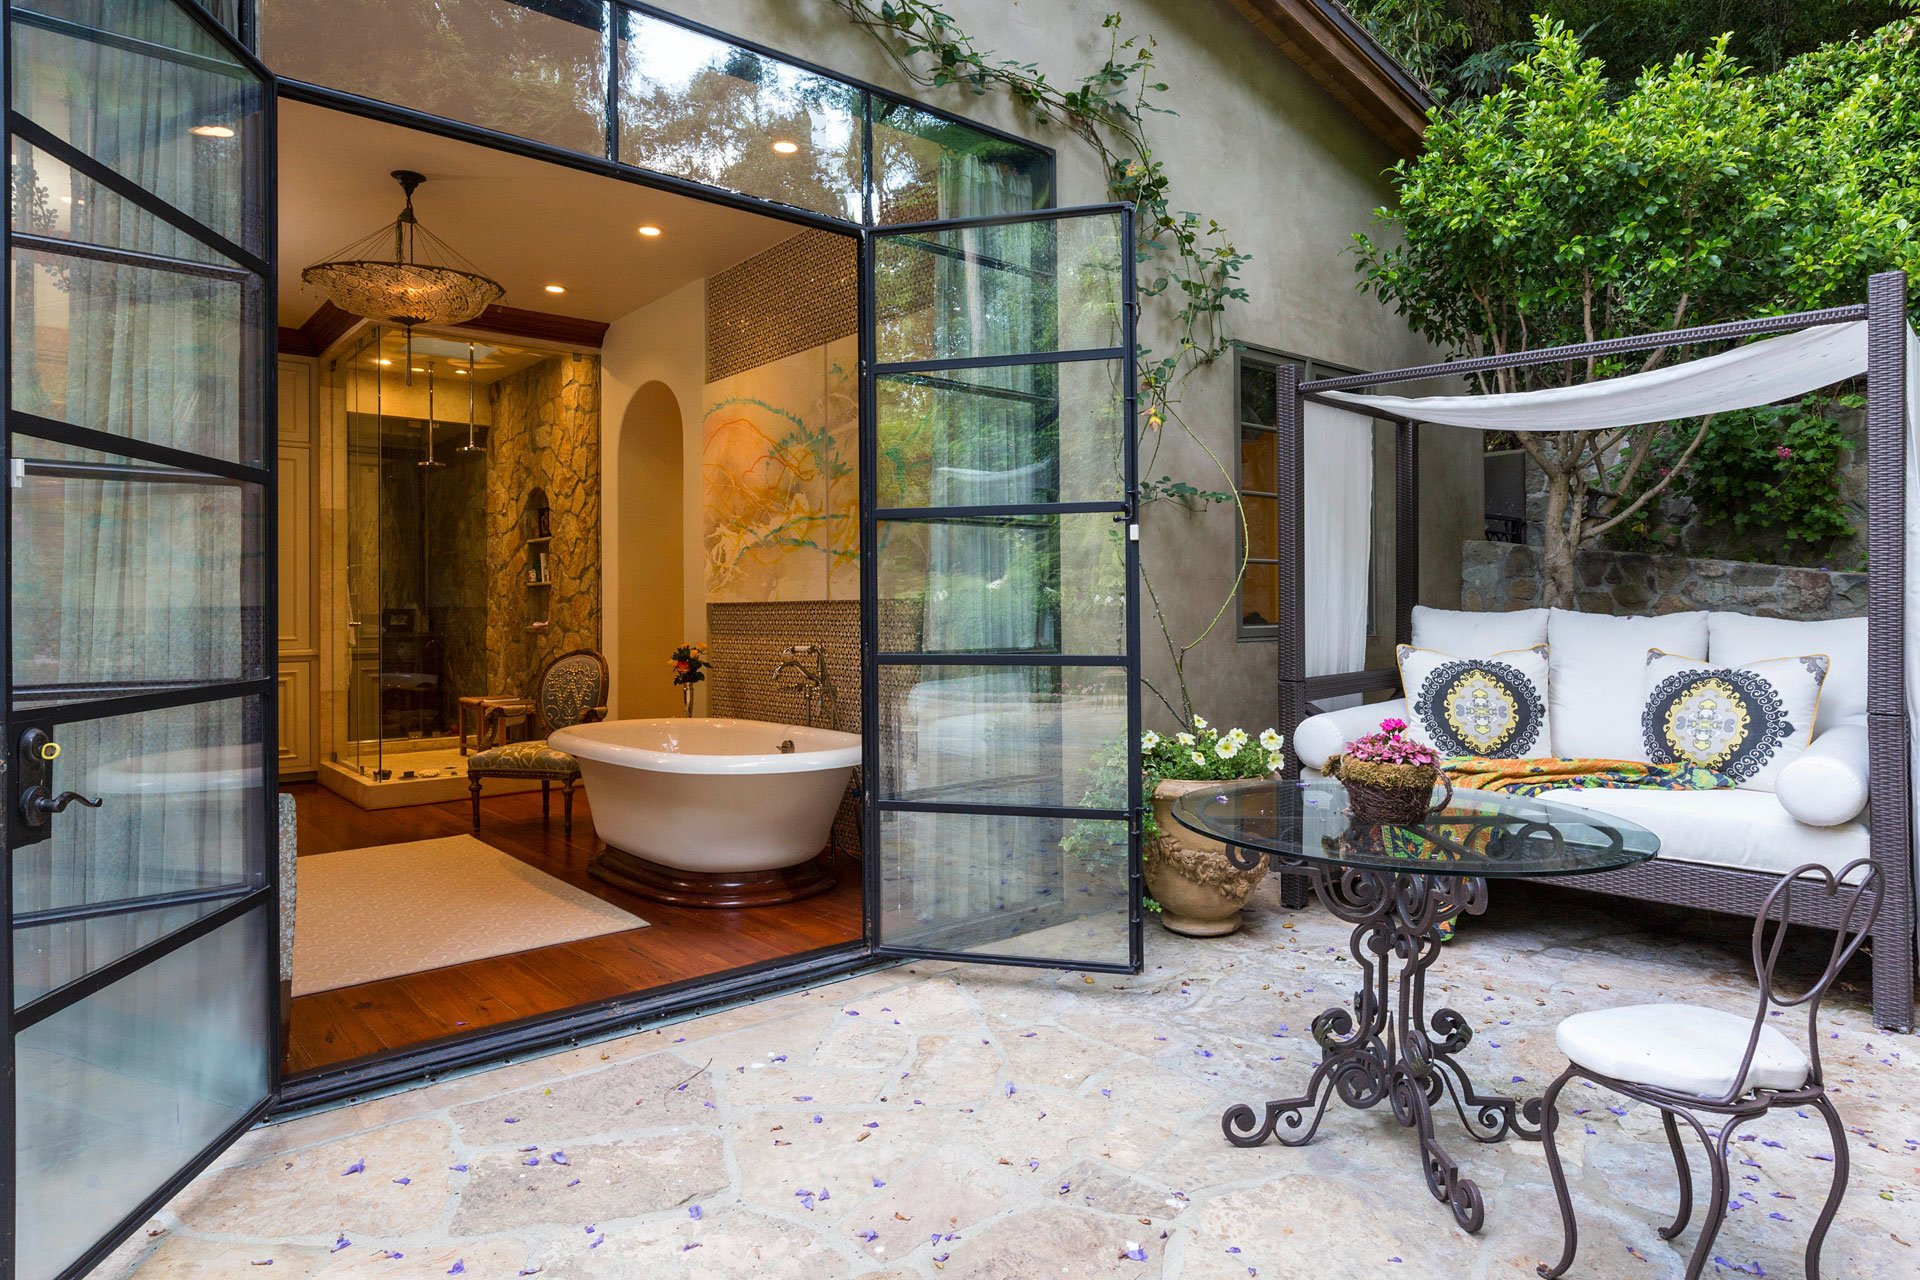 Uno de los amplios baños, que cuenta con un pequeño jardín propio. La intimidad está asegurada en cada uno de los ambientes